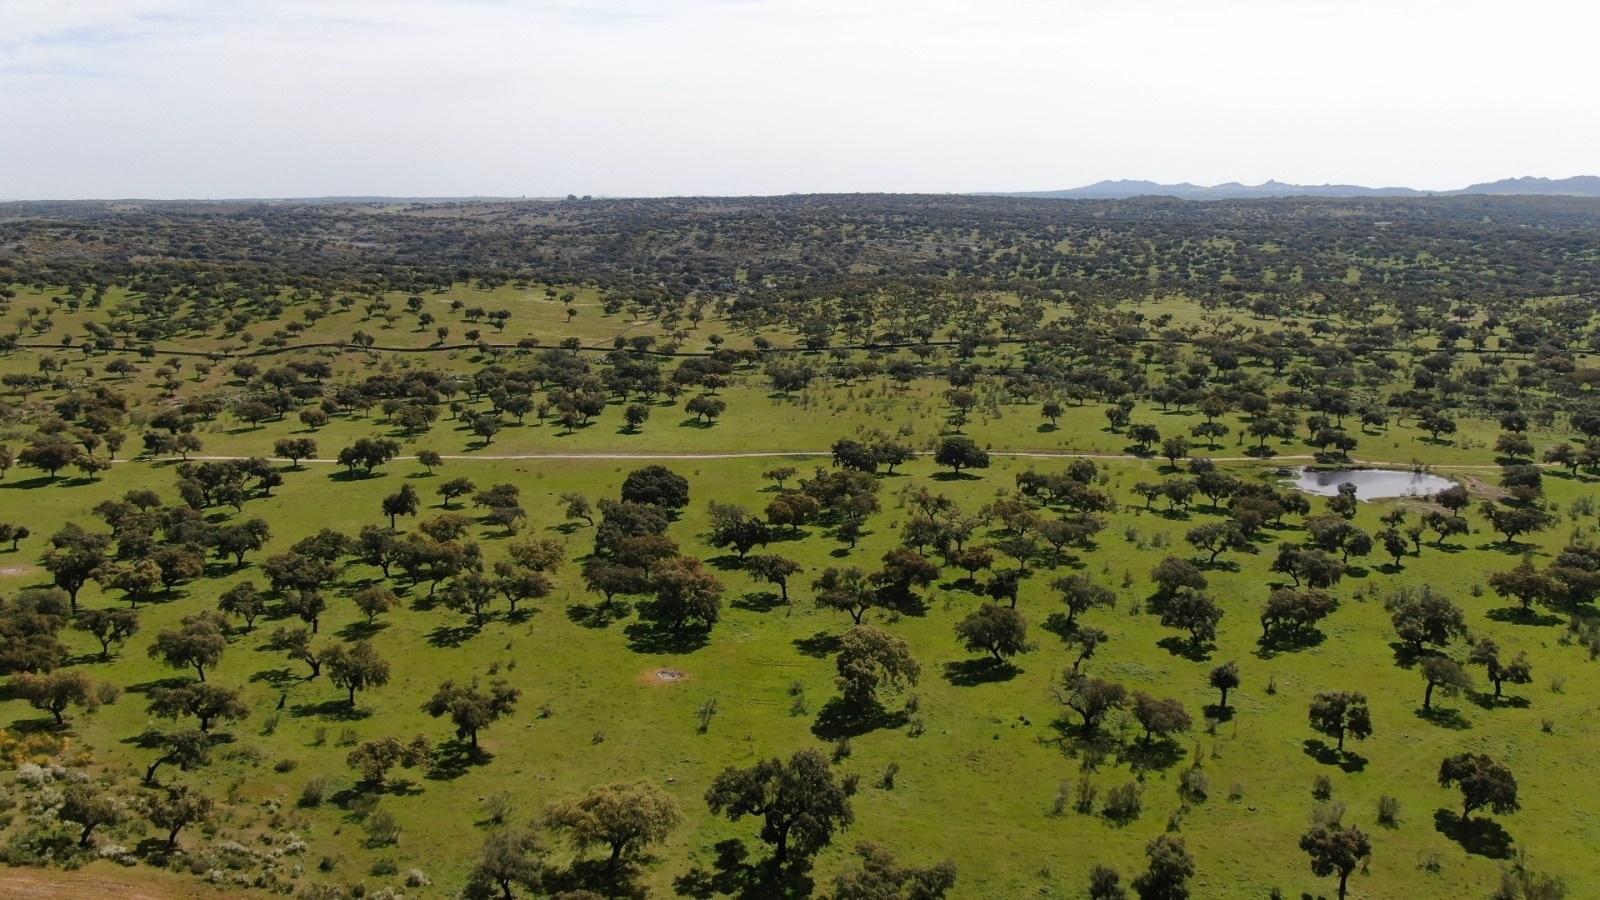 La Diputación Badajoz llama a preservar el patrimonio medioambiental de la dehesa. CEDIDA